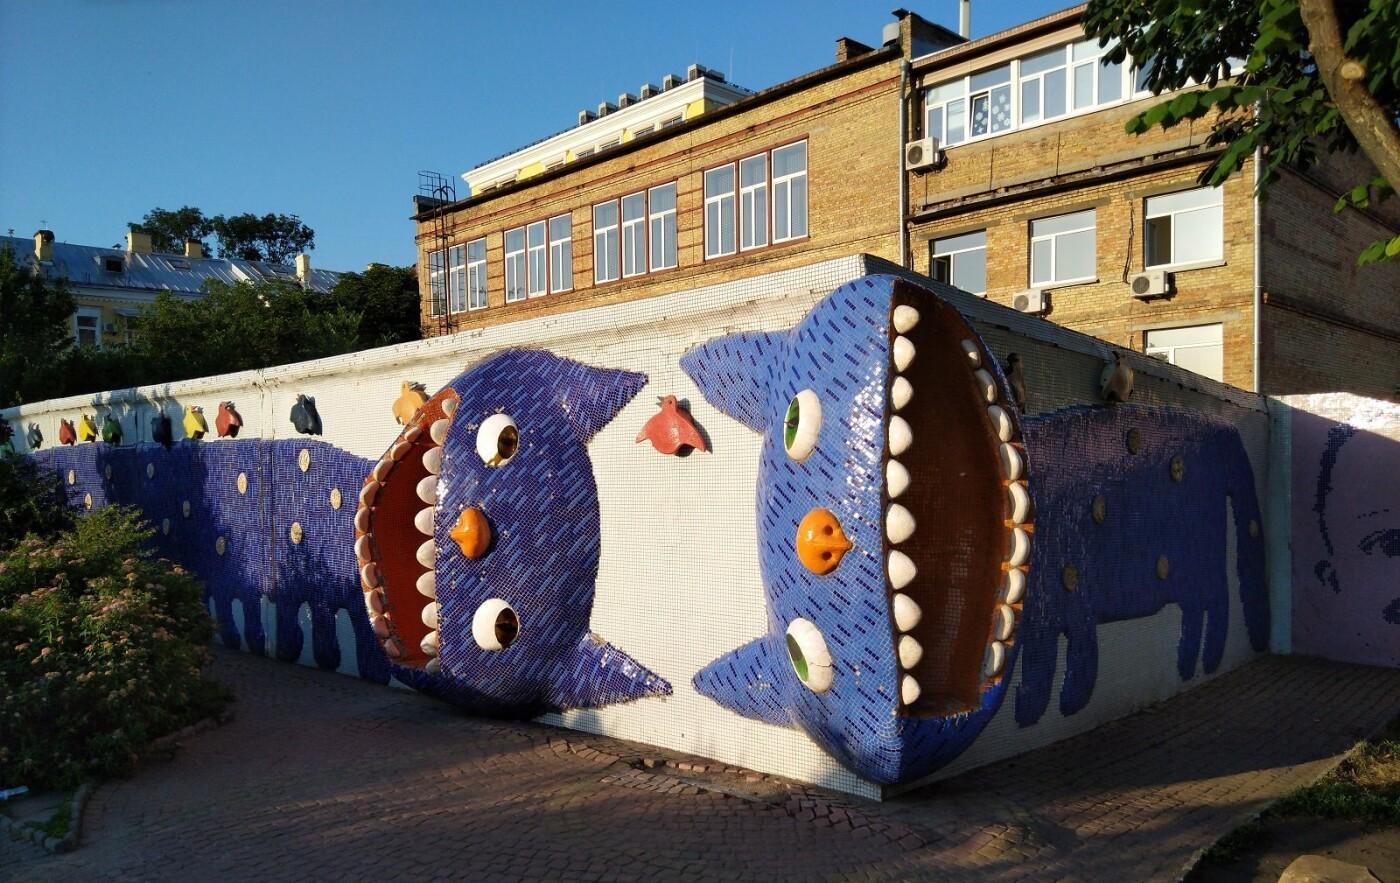 Пейзажная аллея в Киеве: чем она интересна и какой должна была стать, - ФОТО, Фото: Angel OfTruth